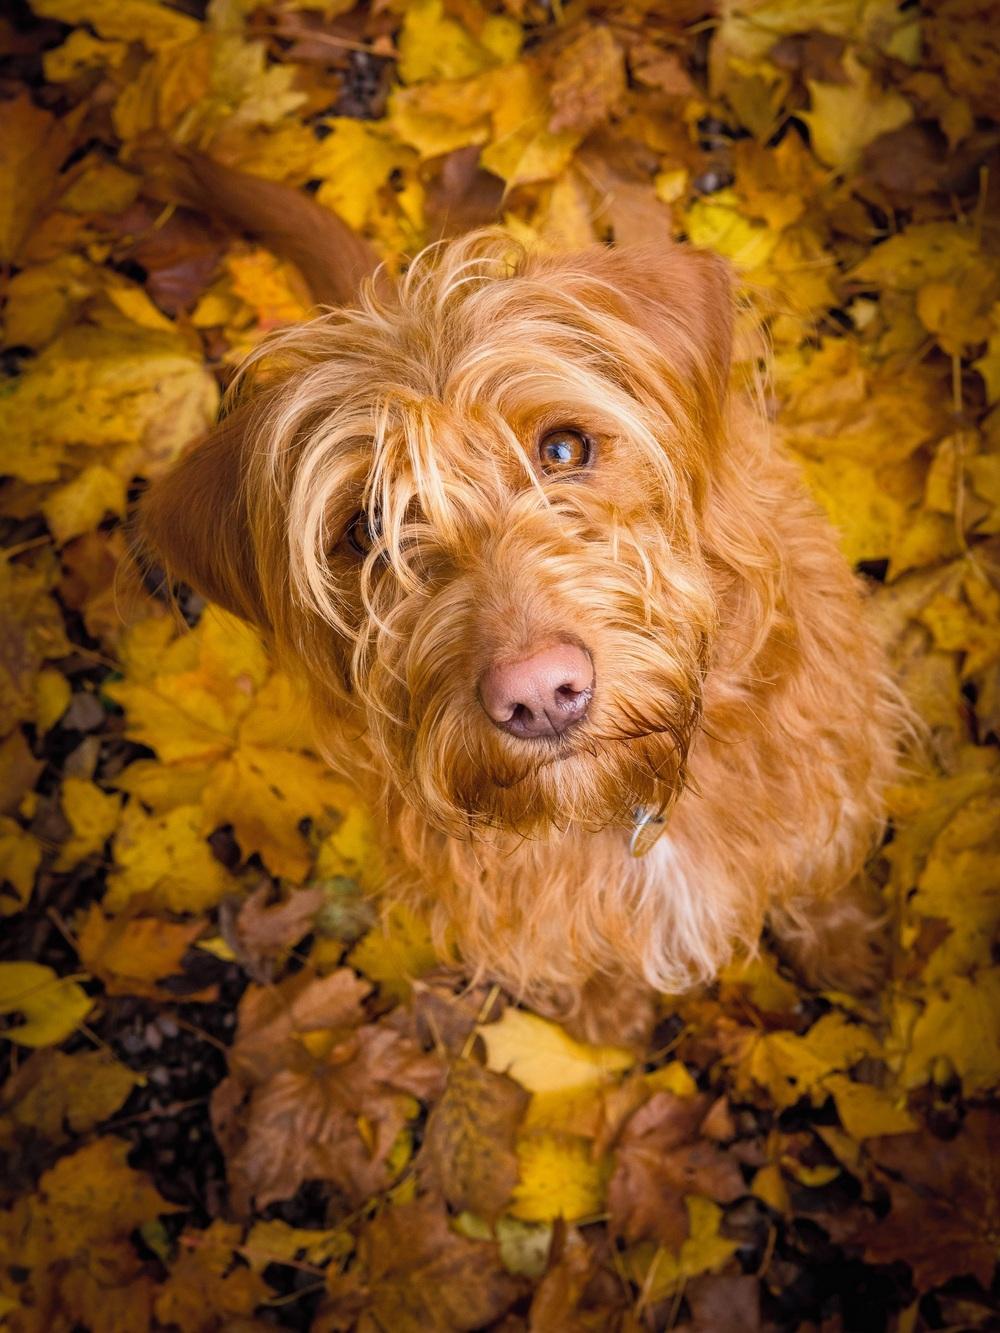 Эта фотография молодого лабрадудля называется «Белла в осенних листьях». Автор фото: Ноэль Беннетт.